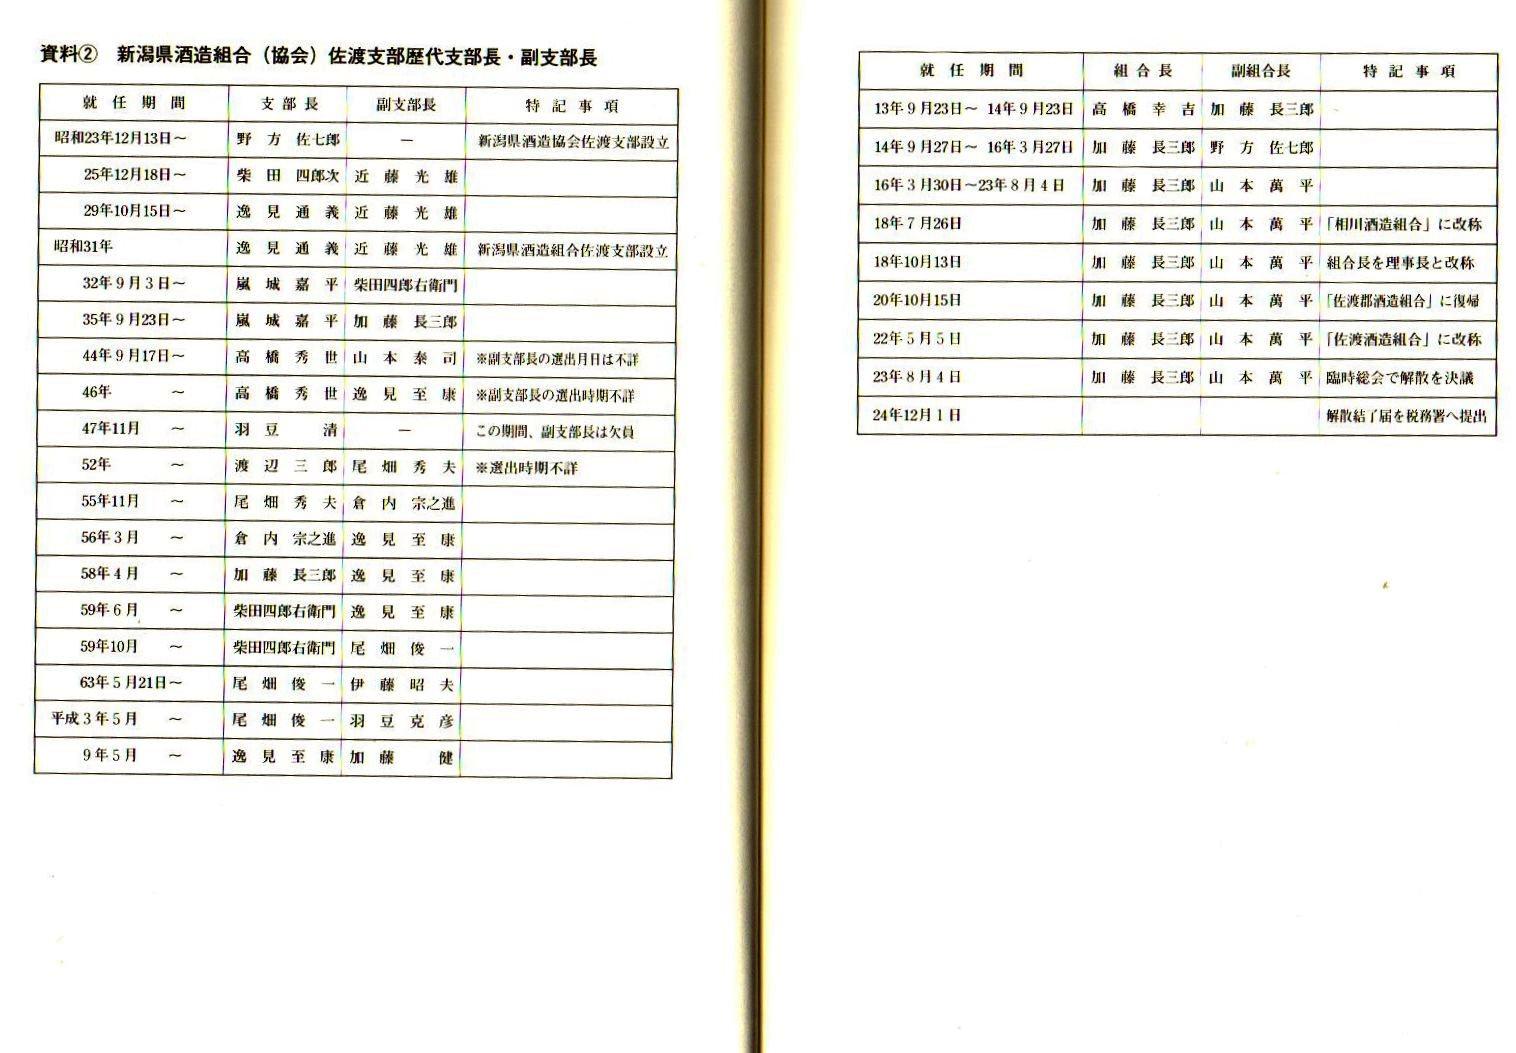 たか高橋秀世 『続佐渡酒誌』(平成14年) (2)